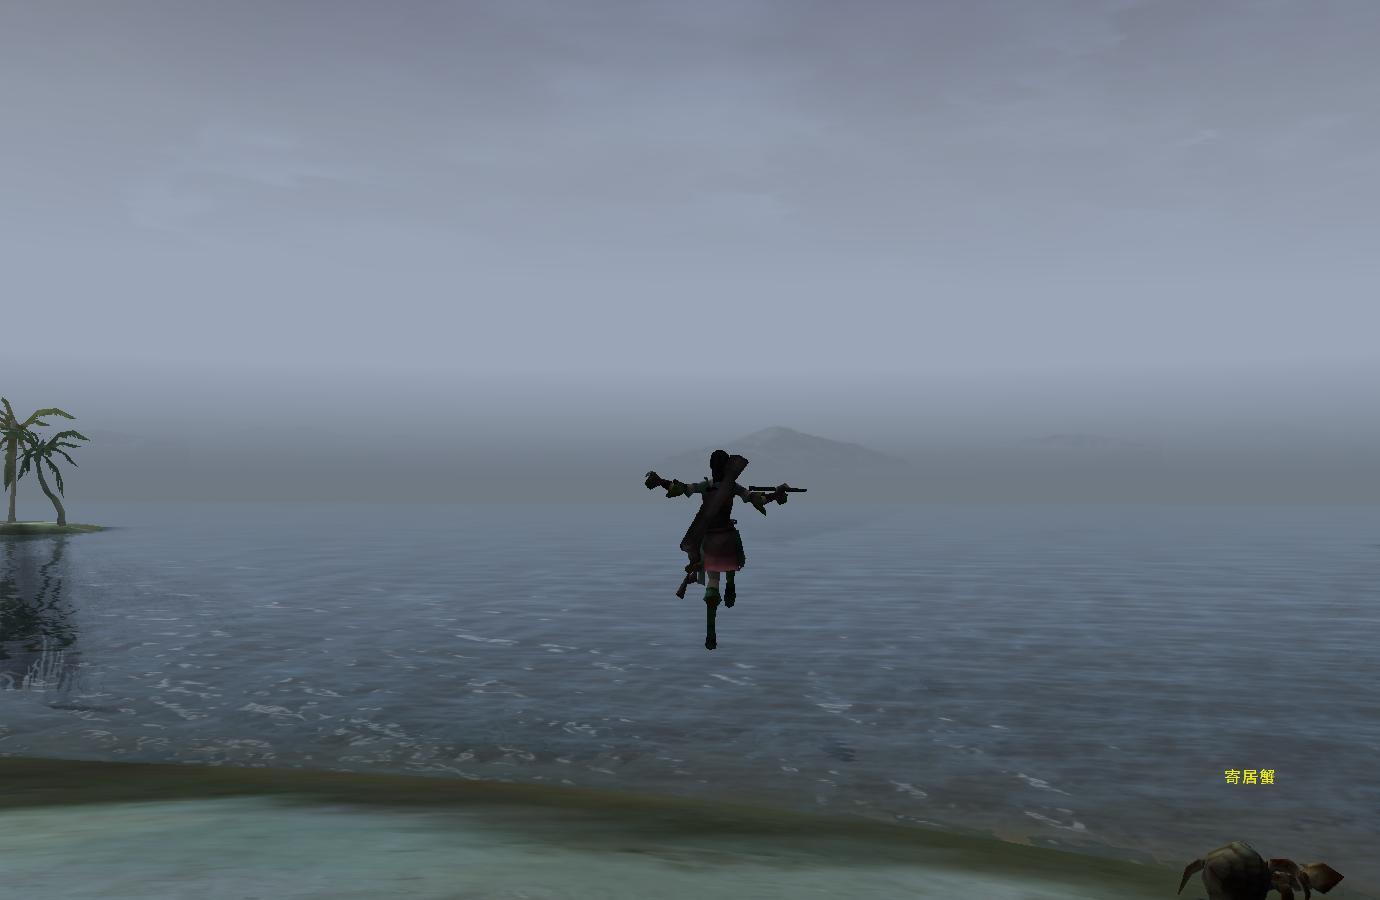 海边一个人的背影图片内容 海边一个人的背影图片图片